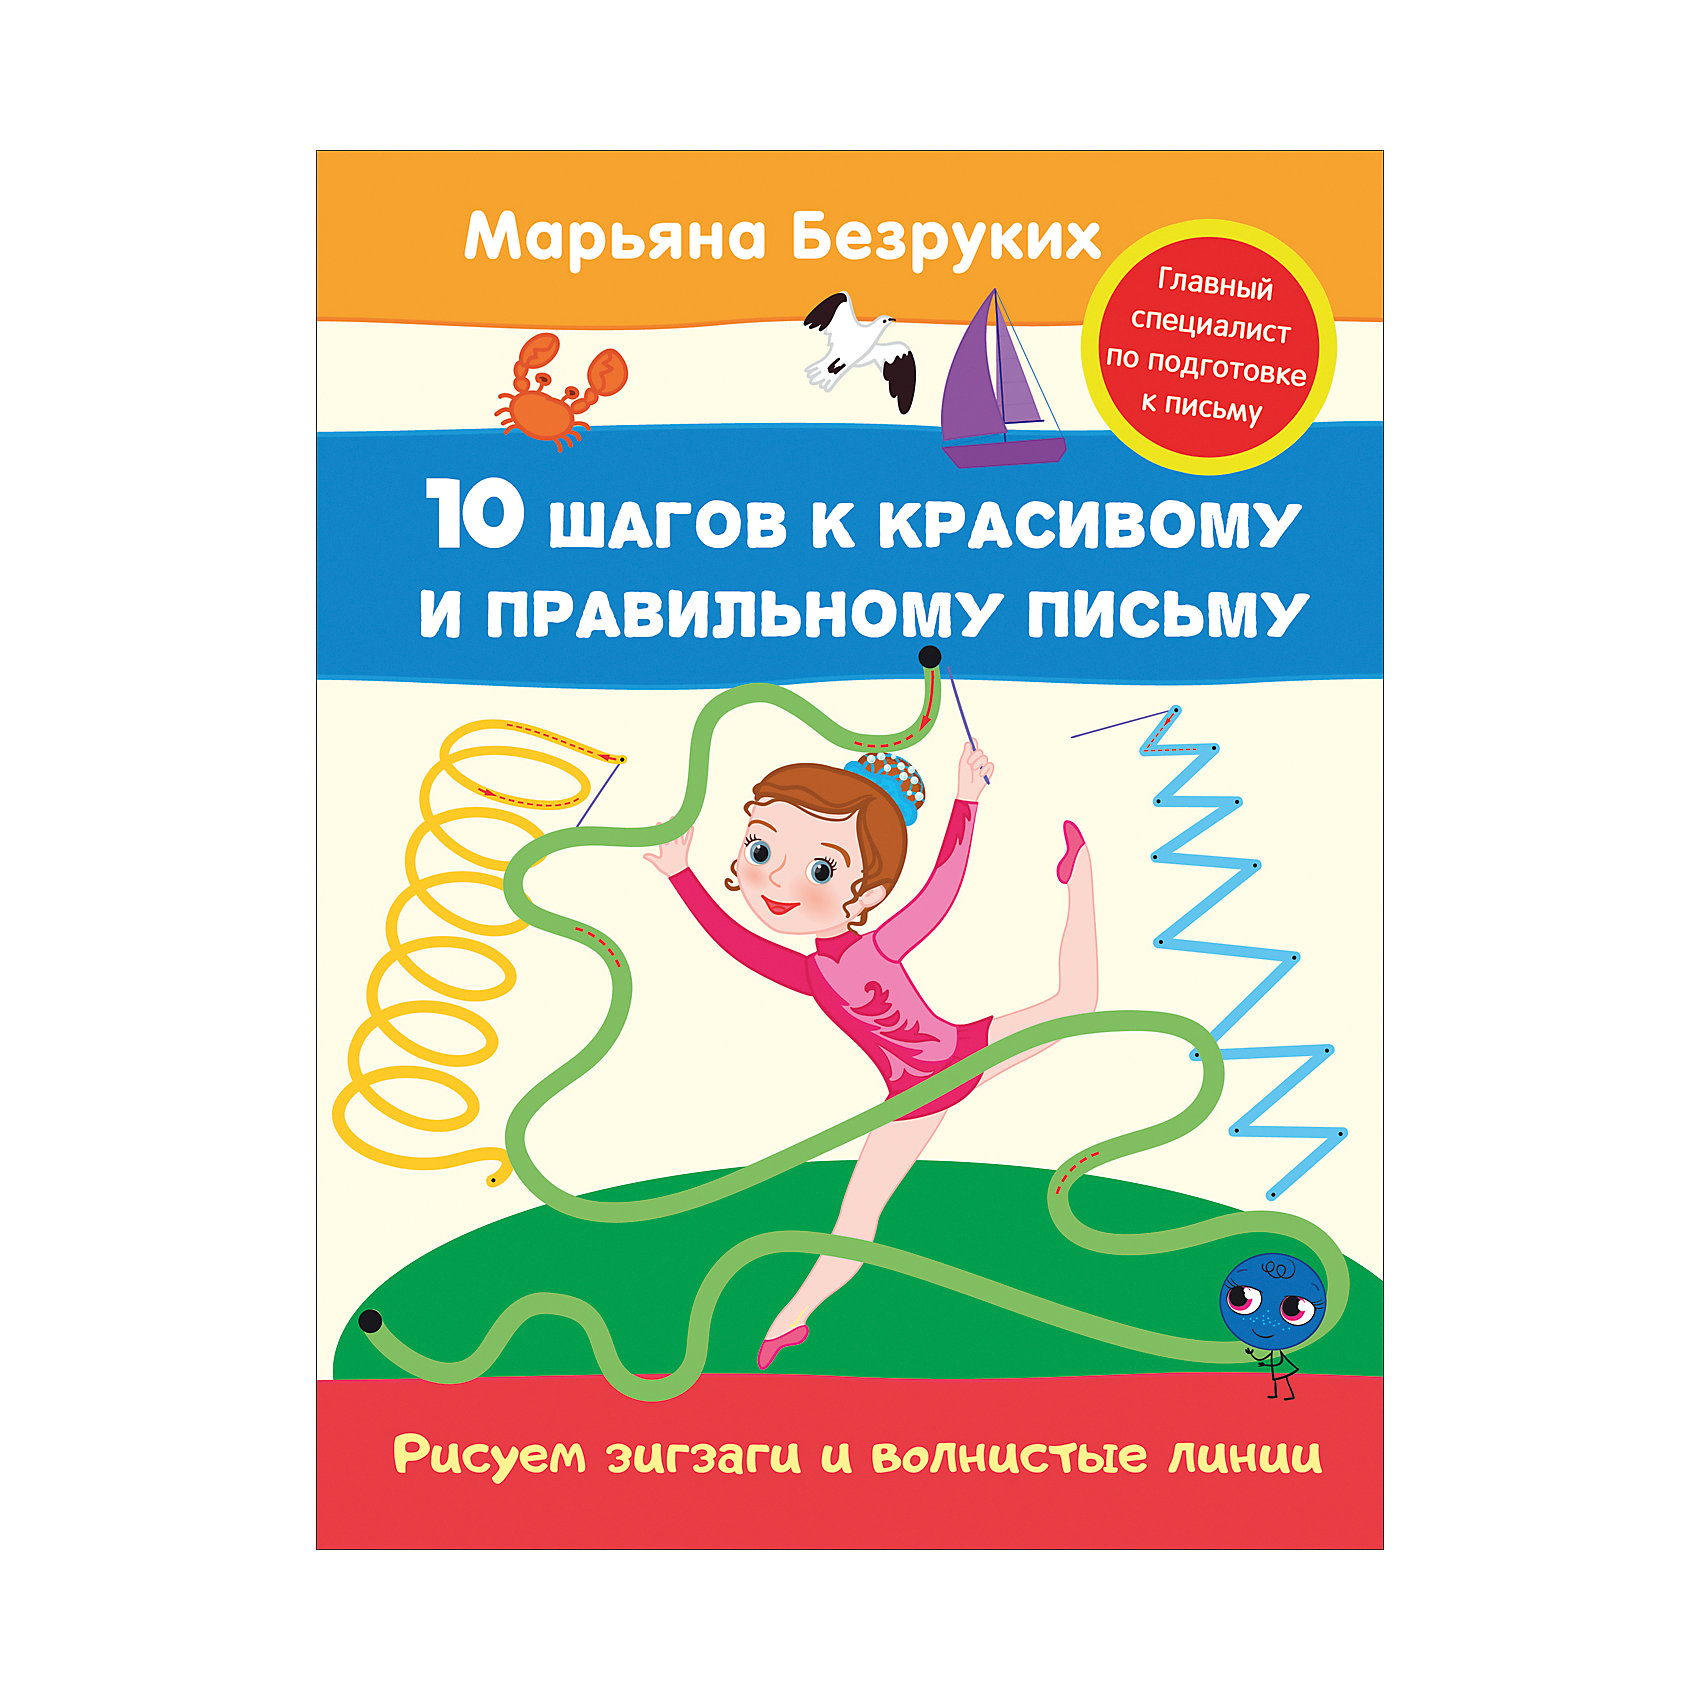 Методическое пособие Рисуем зигзаги и волнистыне линии- Активное формирование у ребенка зрительно-моторных функций, восприятия, памяти, внимания;&#13;<br>- Учет психологических и физиологических закономерностей развития ребенка;&#13;<br>- Методическая продуманность каждого шага;&#13;<br>- Практические рекомендации для родителей и воспитателей.<br><br>Ширина мм: 255<br>Глубина мм: 195<br>Высота мм: 20<br>Вес г: 44<br>Возраст от месяцев: -2147483648<br>Возраст до месяцев: 2147483647<br>Пол: Унисекс<br>Возраст: Детский<br>SKU: 5507104